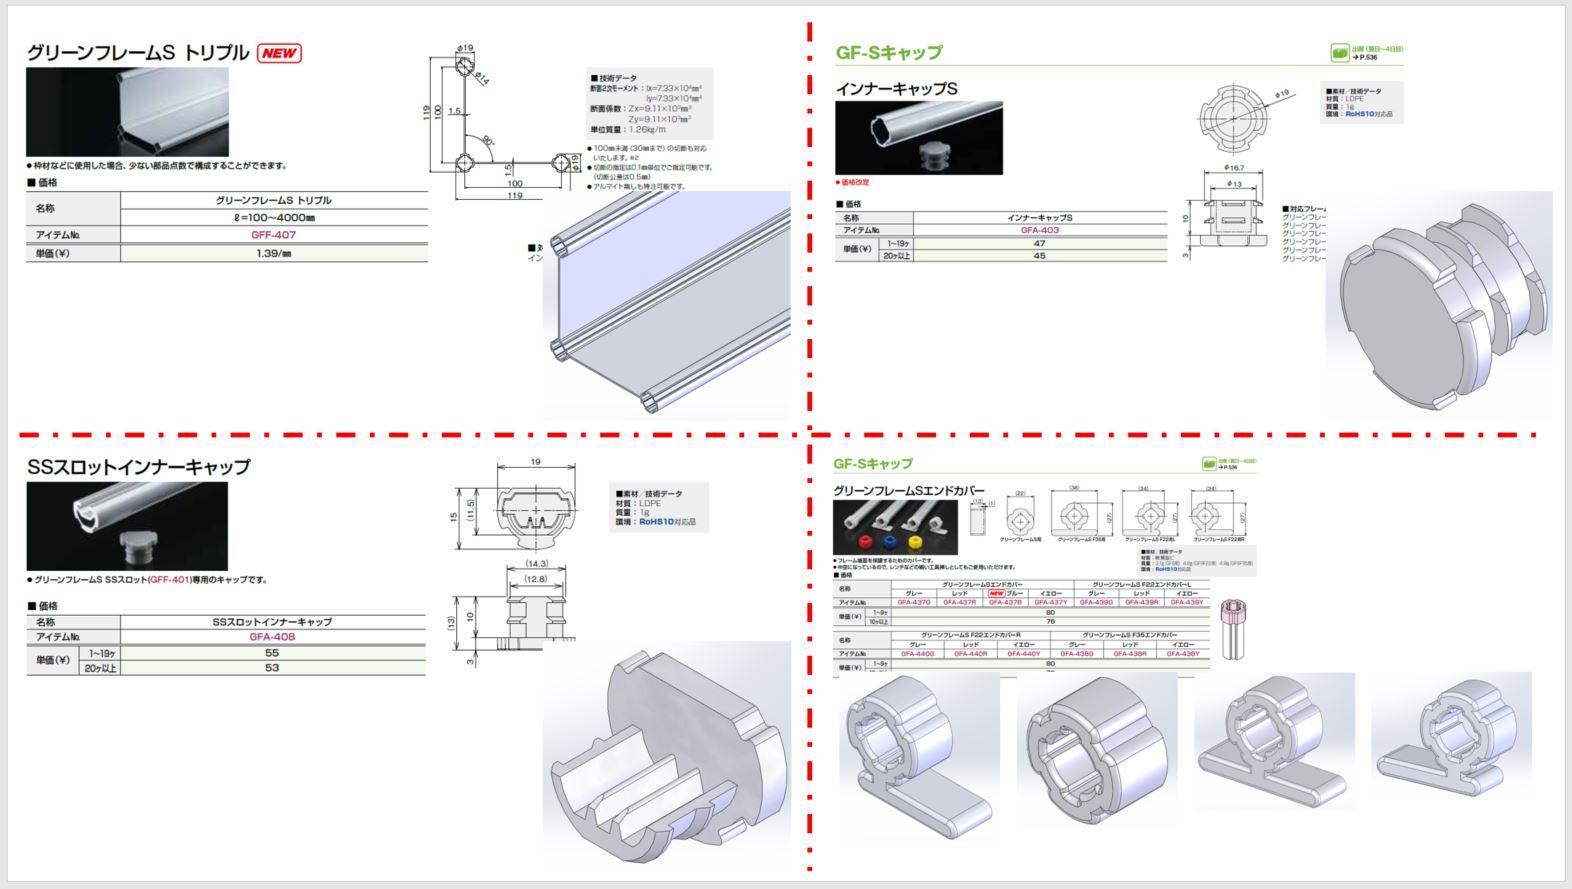 GF-S 19mm シリーズ 部品一覧3